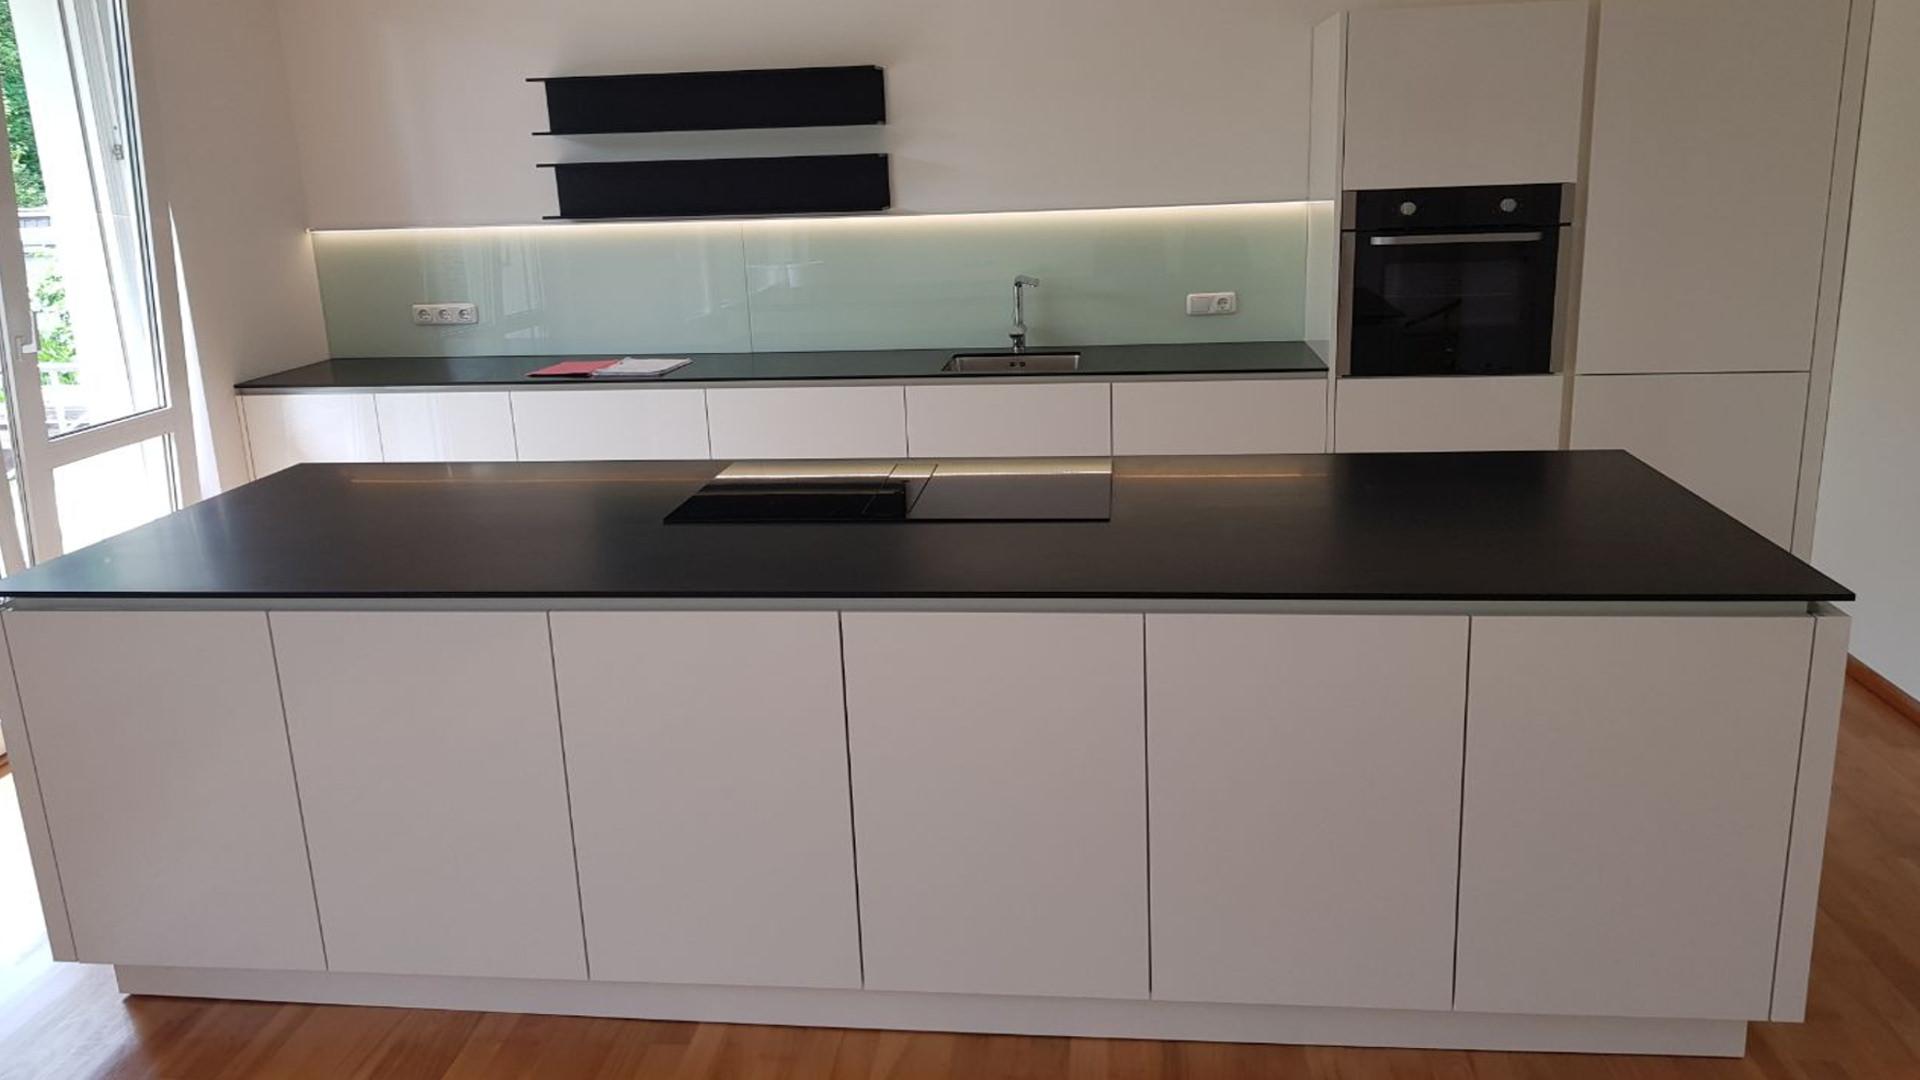 Wunderschöner Küchenblock mit Corian schwarz, hoch glänzend weiße Fronten